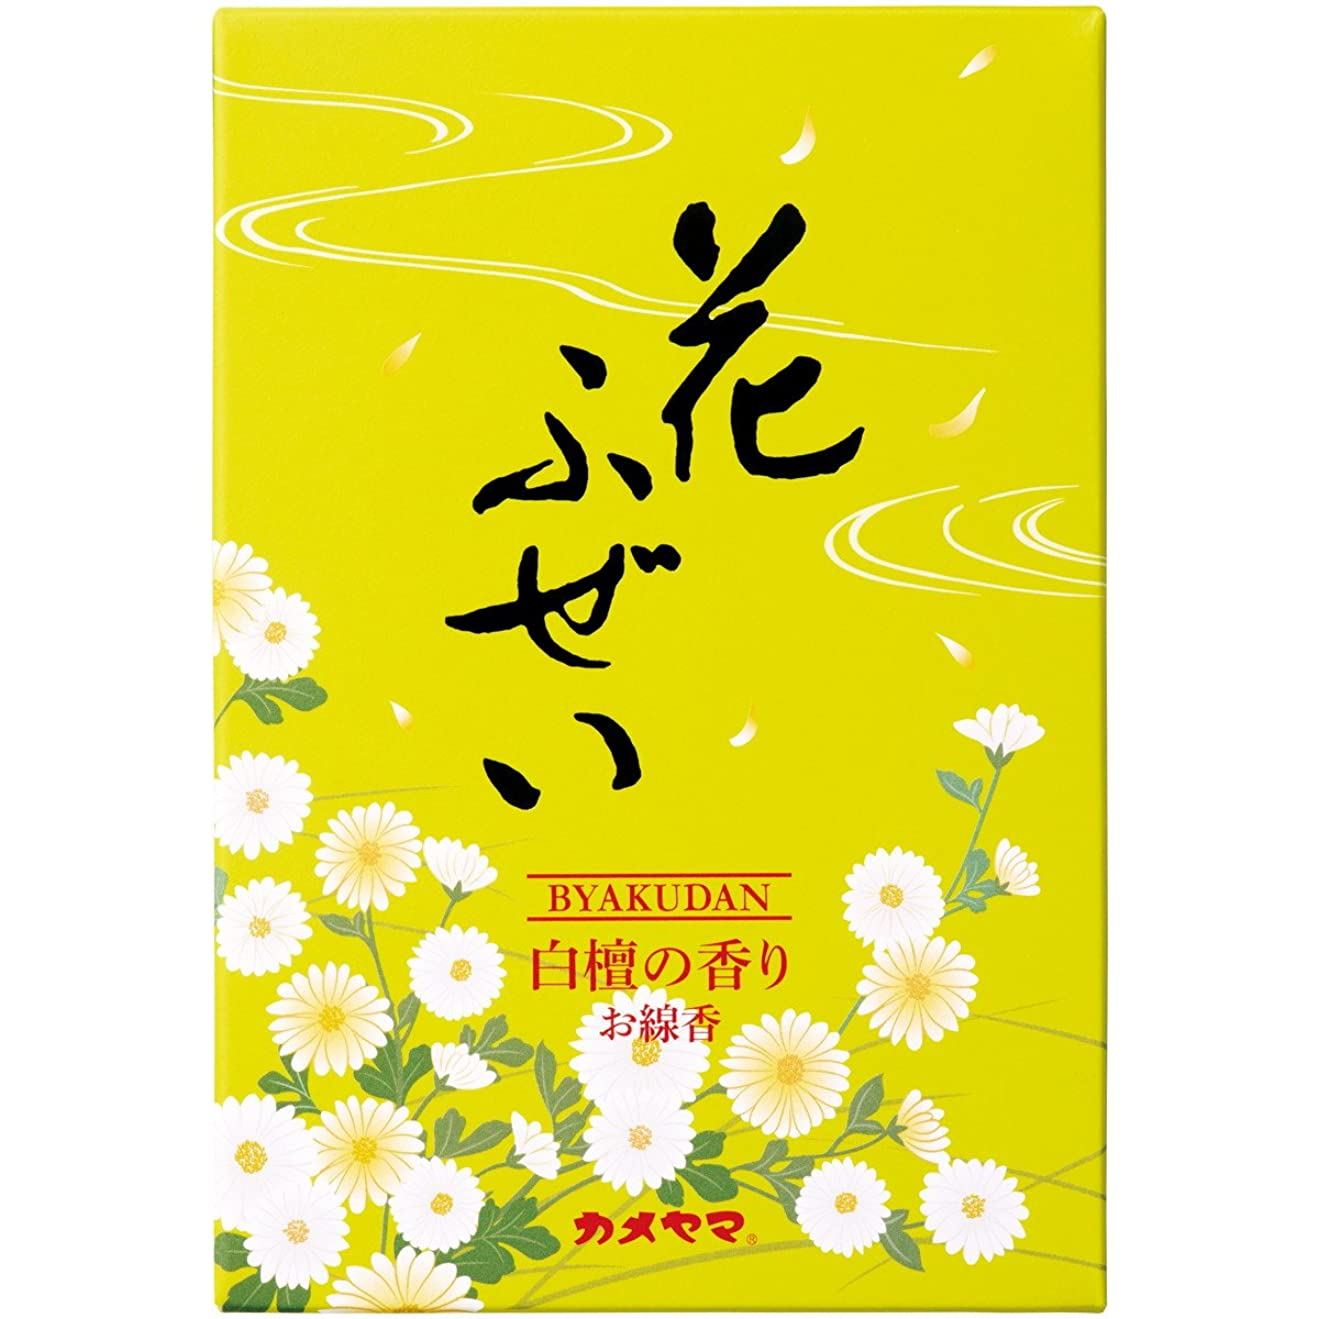 学ぶパンサー大西洋カメヤマ 花ふぜい(黄)白檀 徳用大型